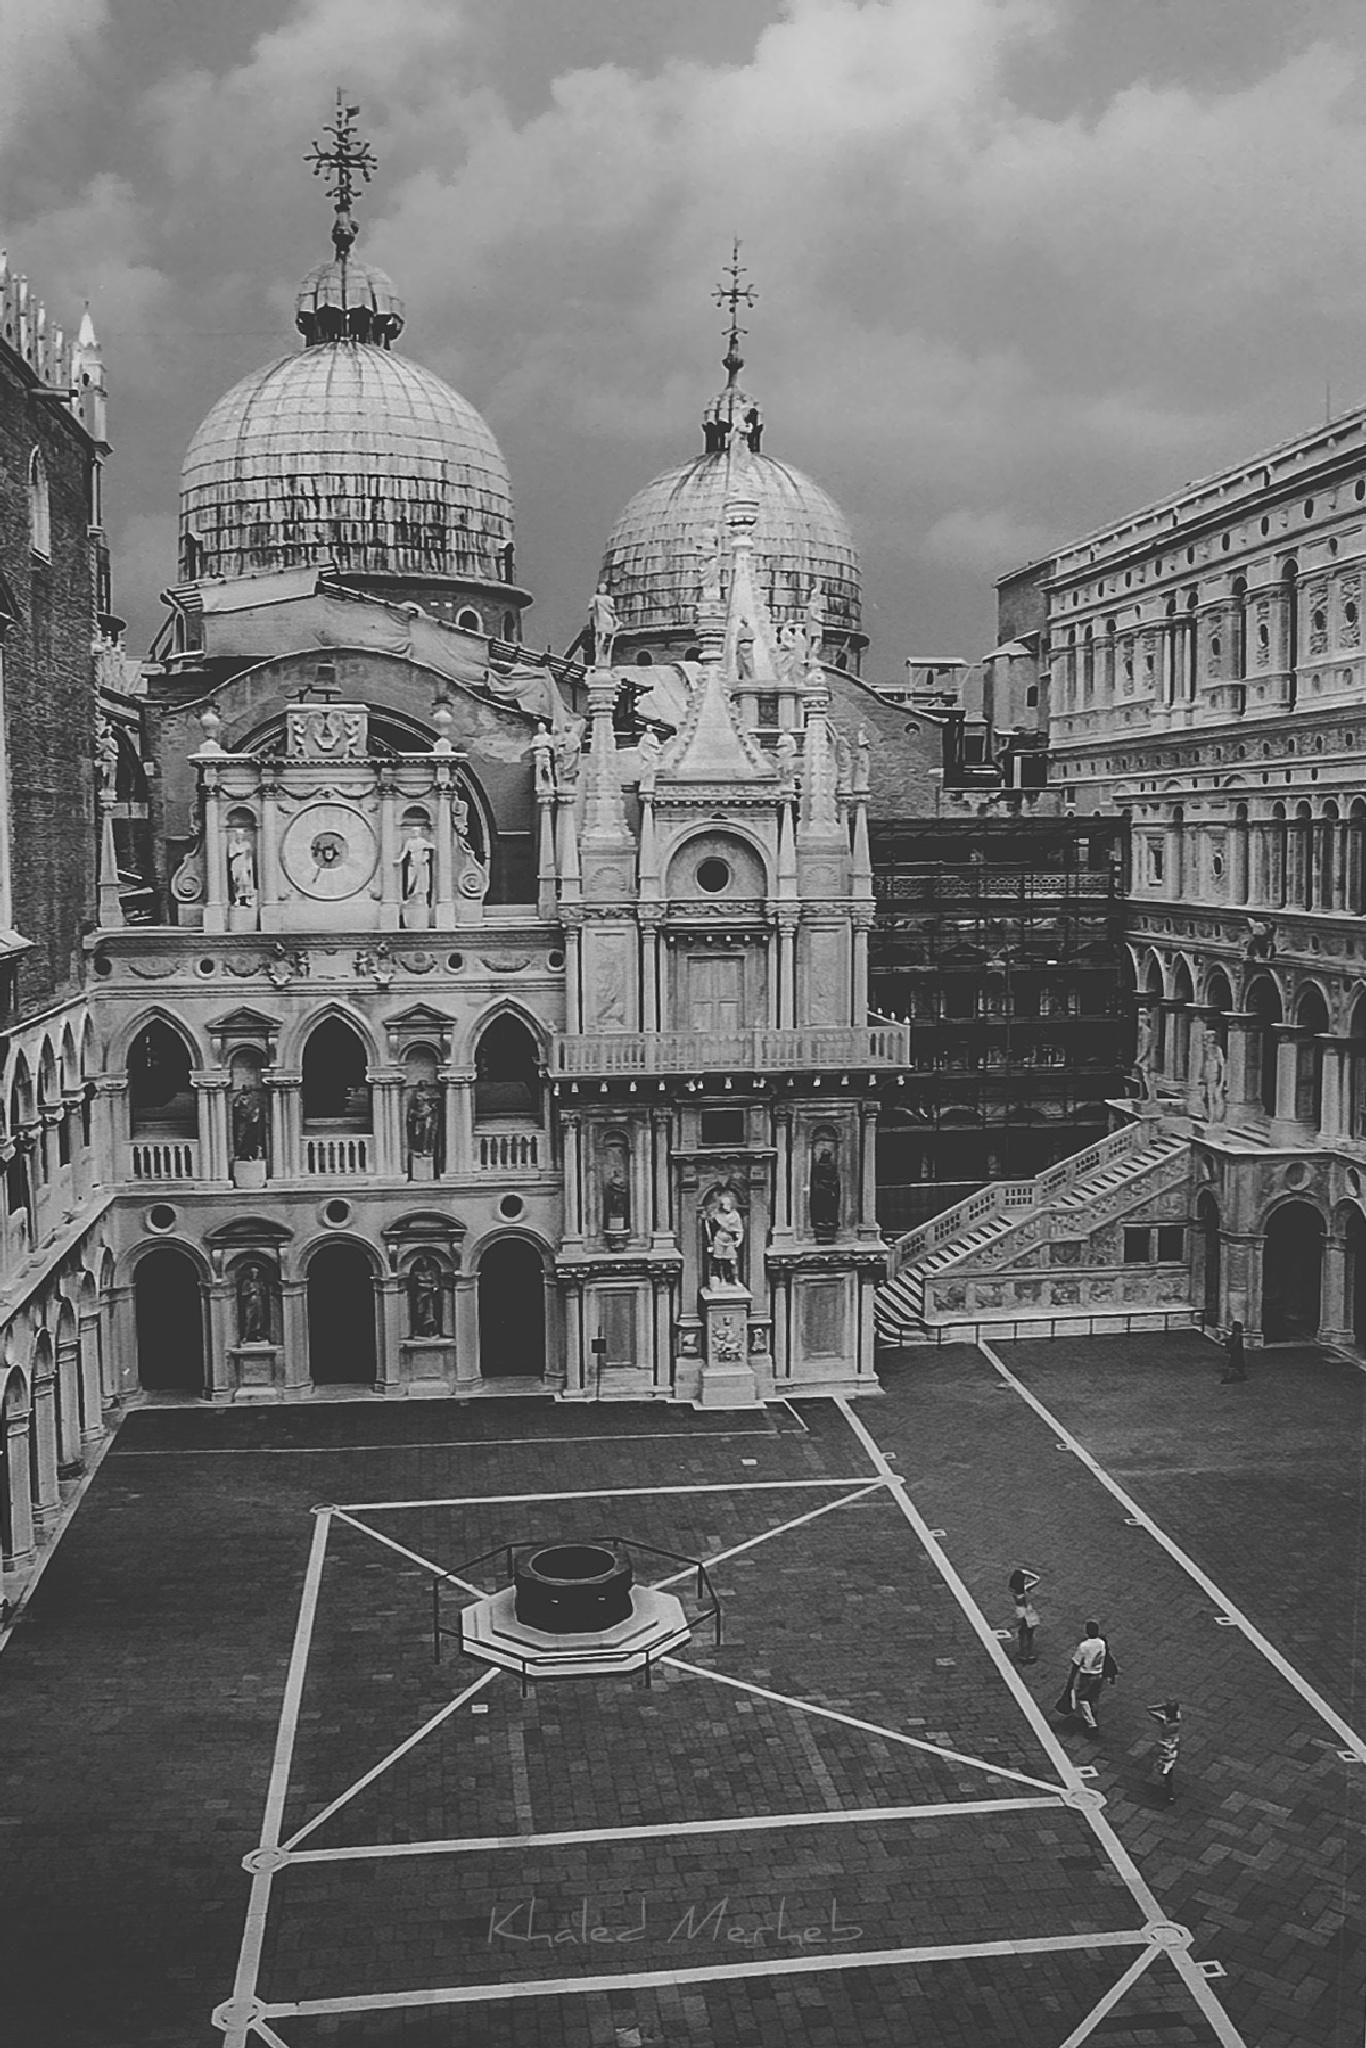 Doge's Palace Courtyard, Venice by khaledMerheb